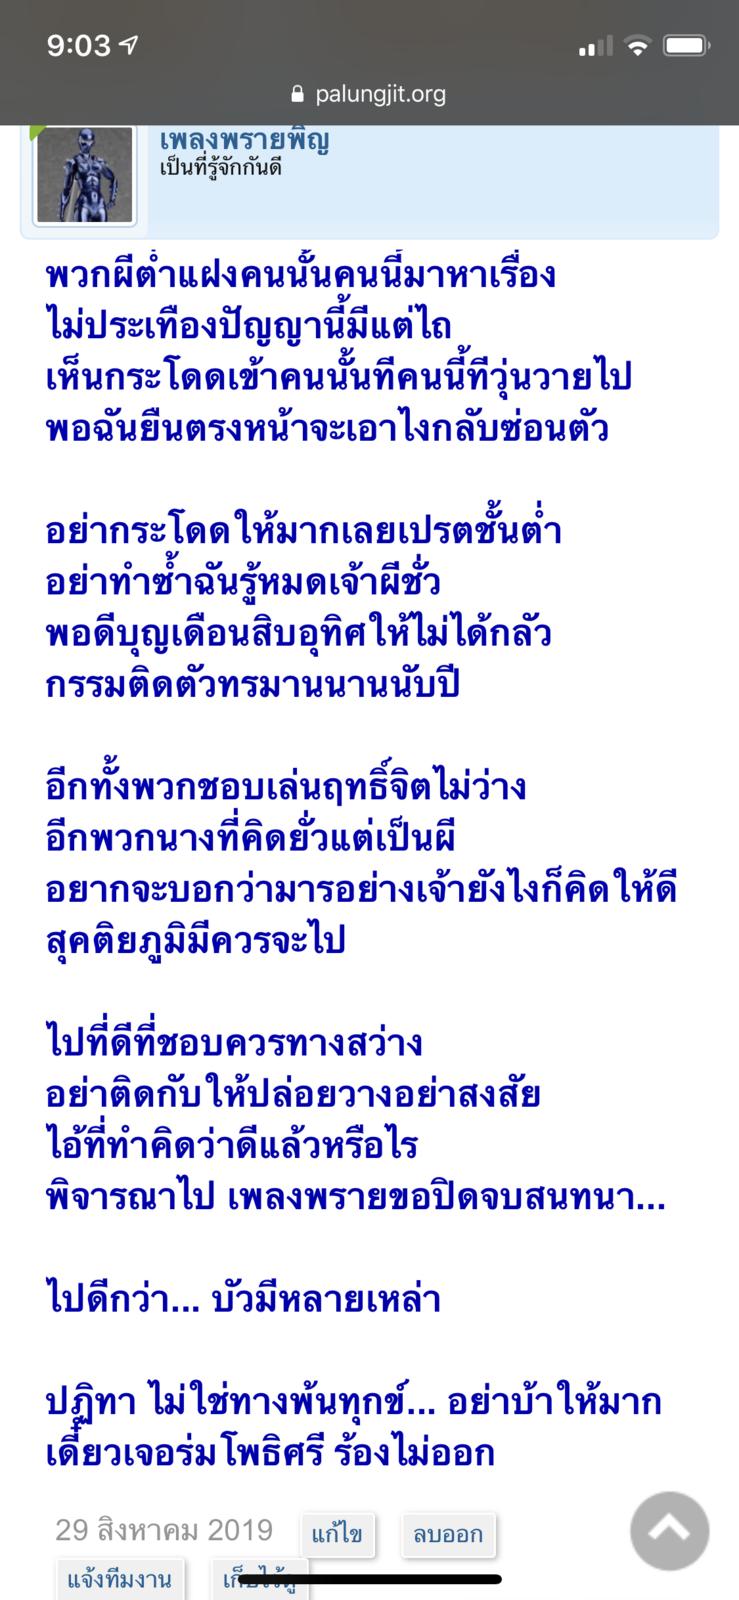 E896B9A0-FEEA-423C-88D4-DF9B605BD3BE.png